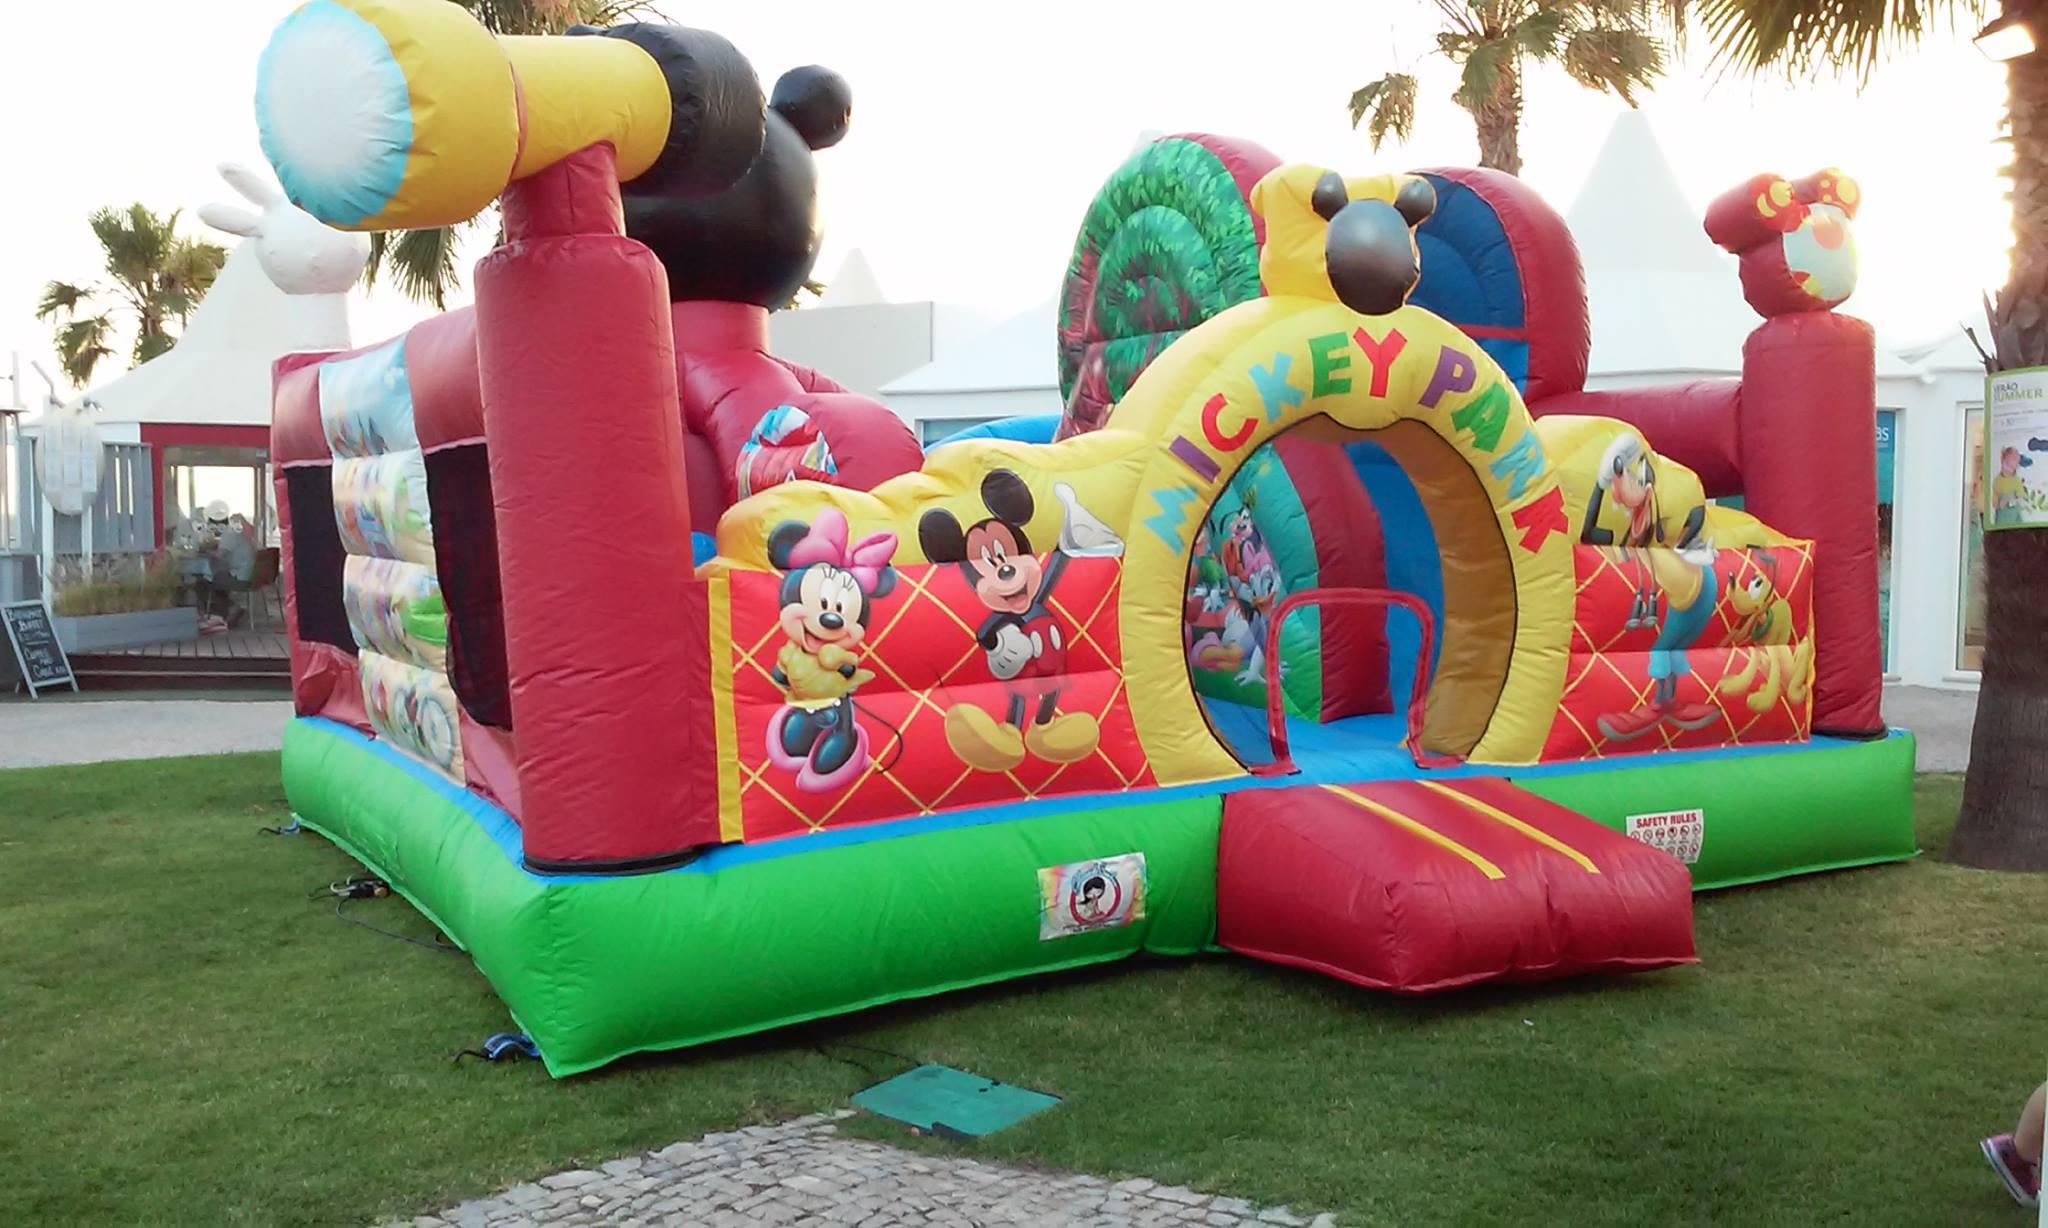 Insuflável A Casa do Mickey | Aluguer de Insufláveis Oficina de Sonhos Algarve